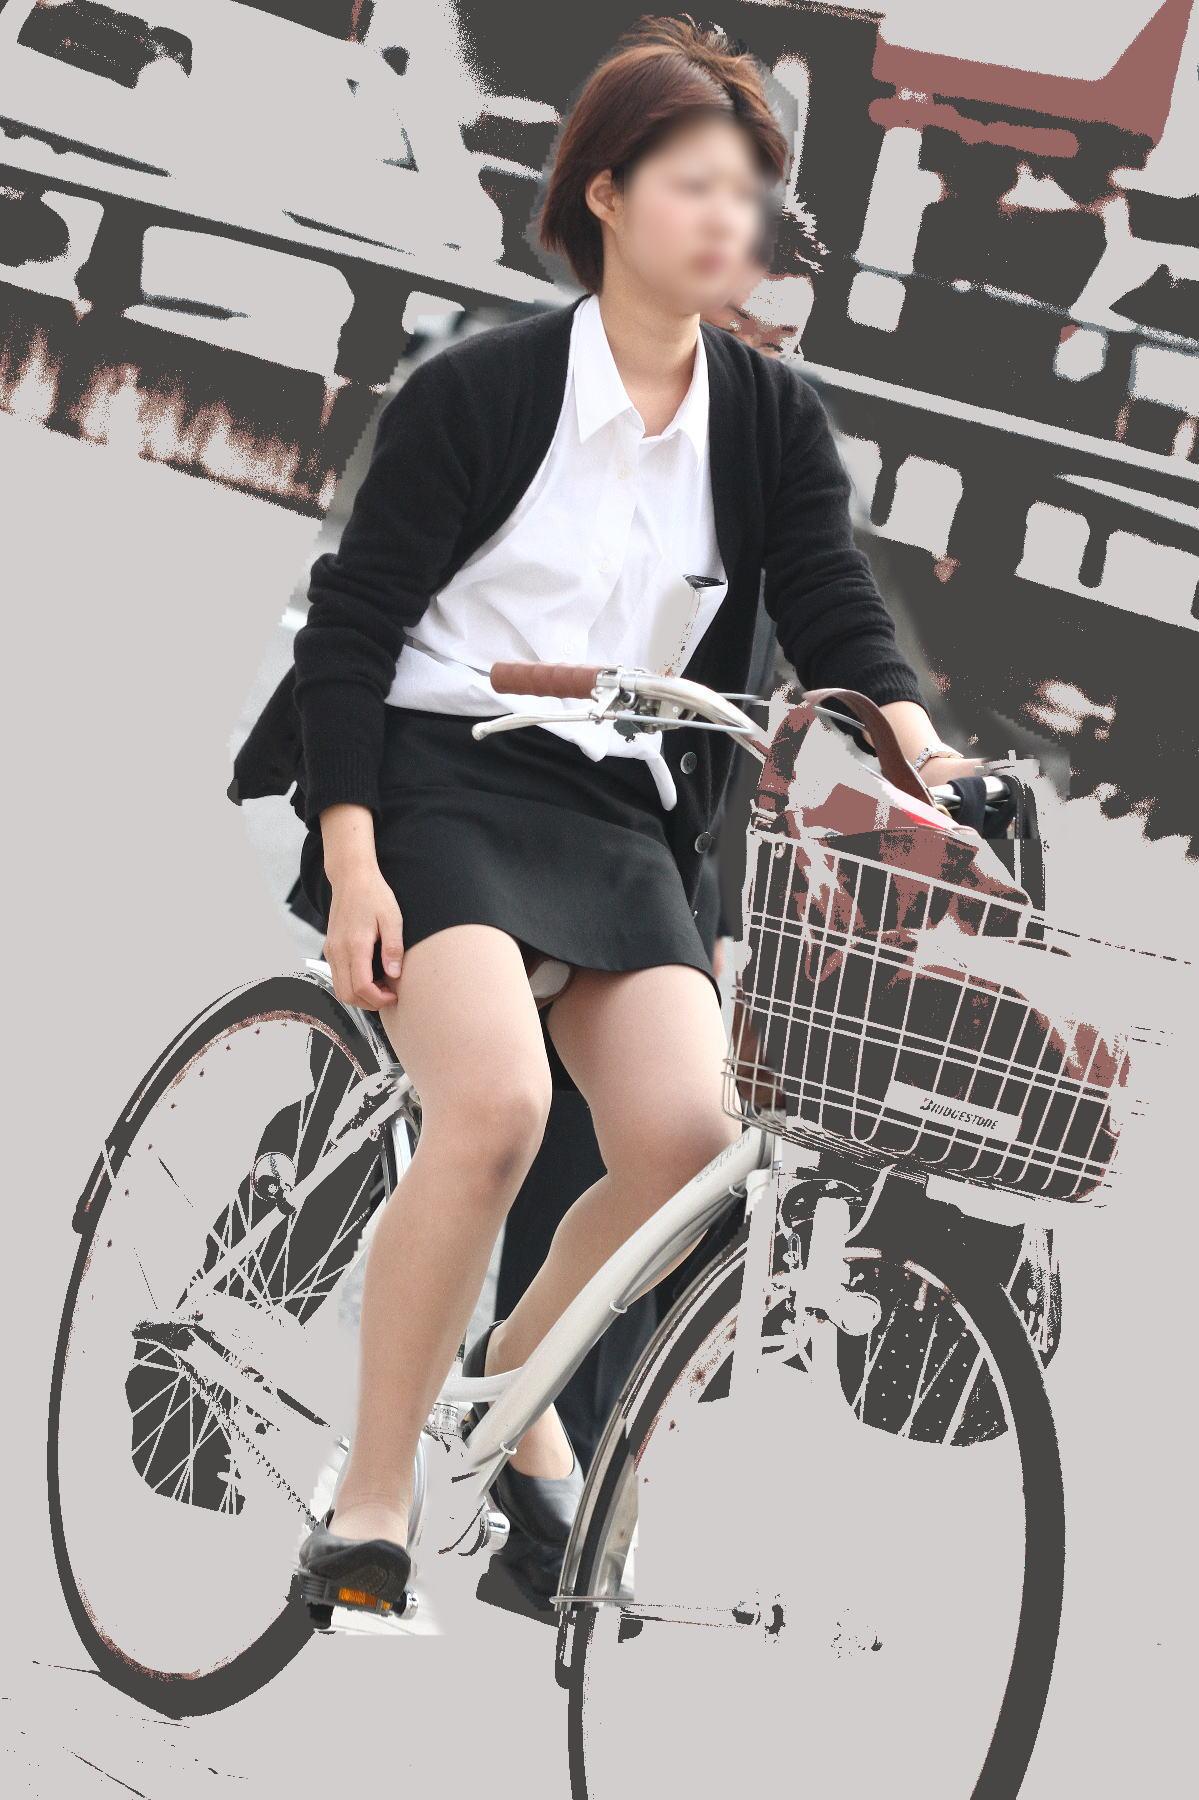 タイトスカートのお尻にパンスト足パンチラの自転車OL2枚目